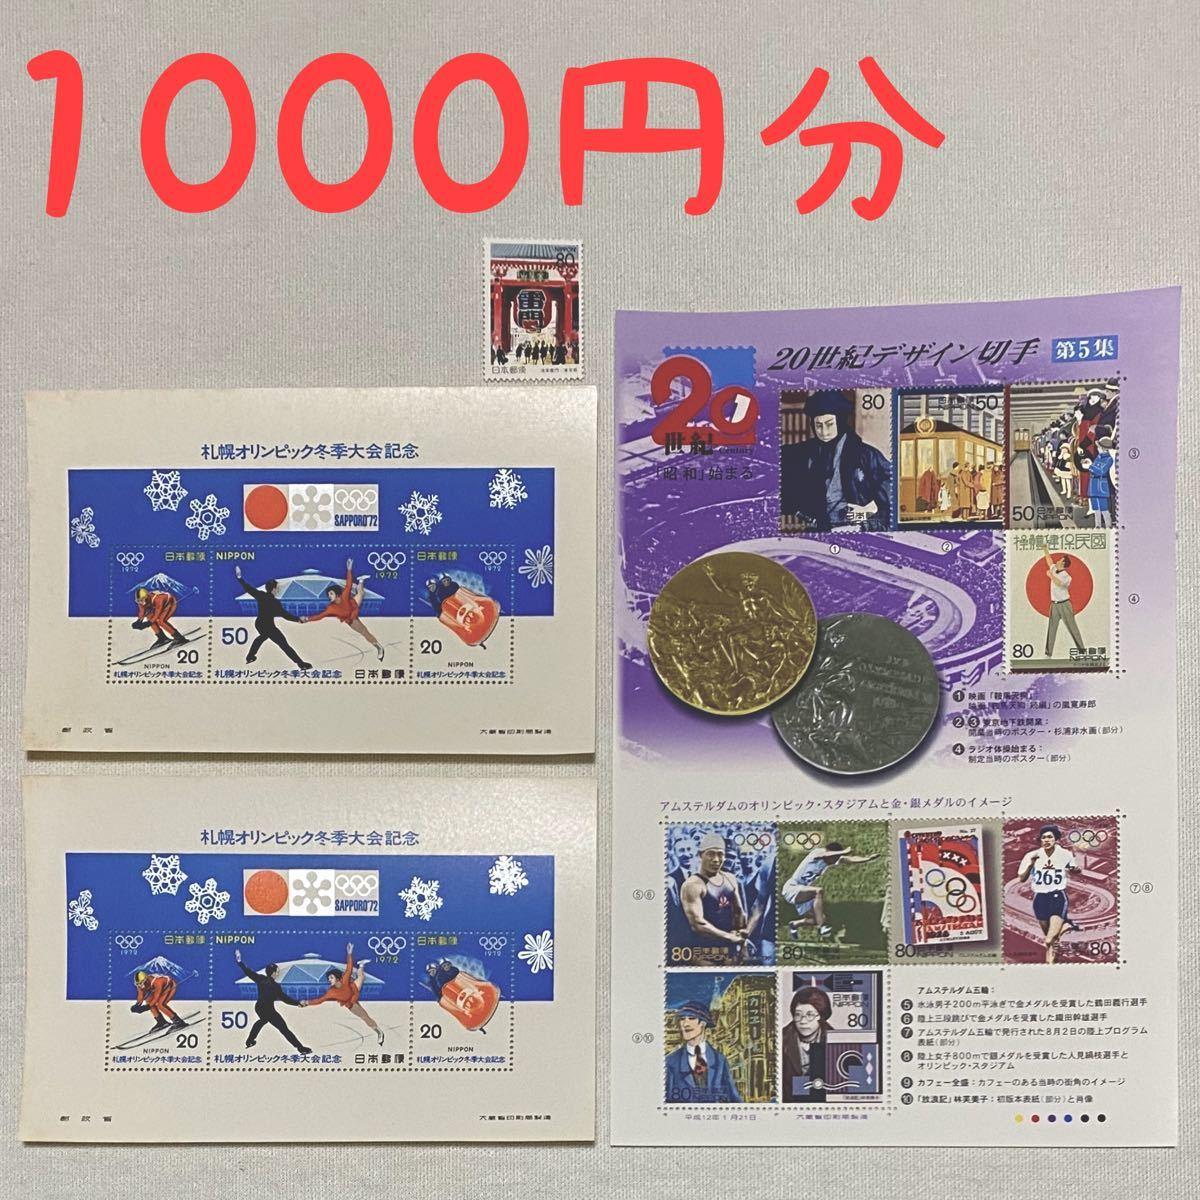 未使用 記念切手 切手シート 小型シート シール切手 20世紀デザイン切手 他